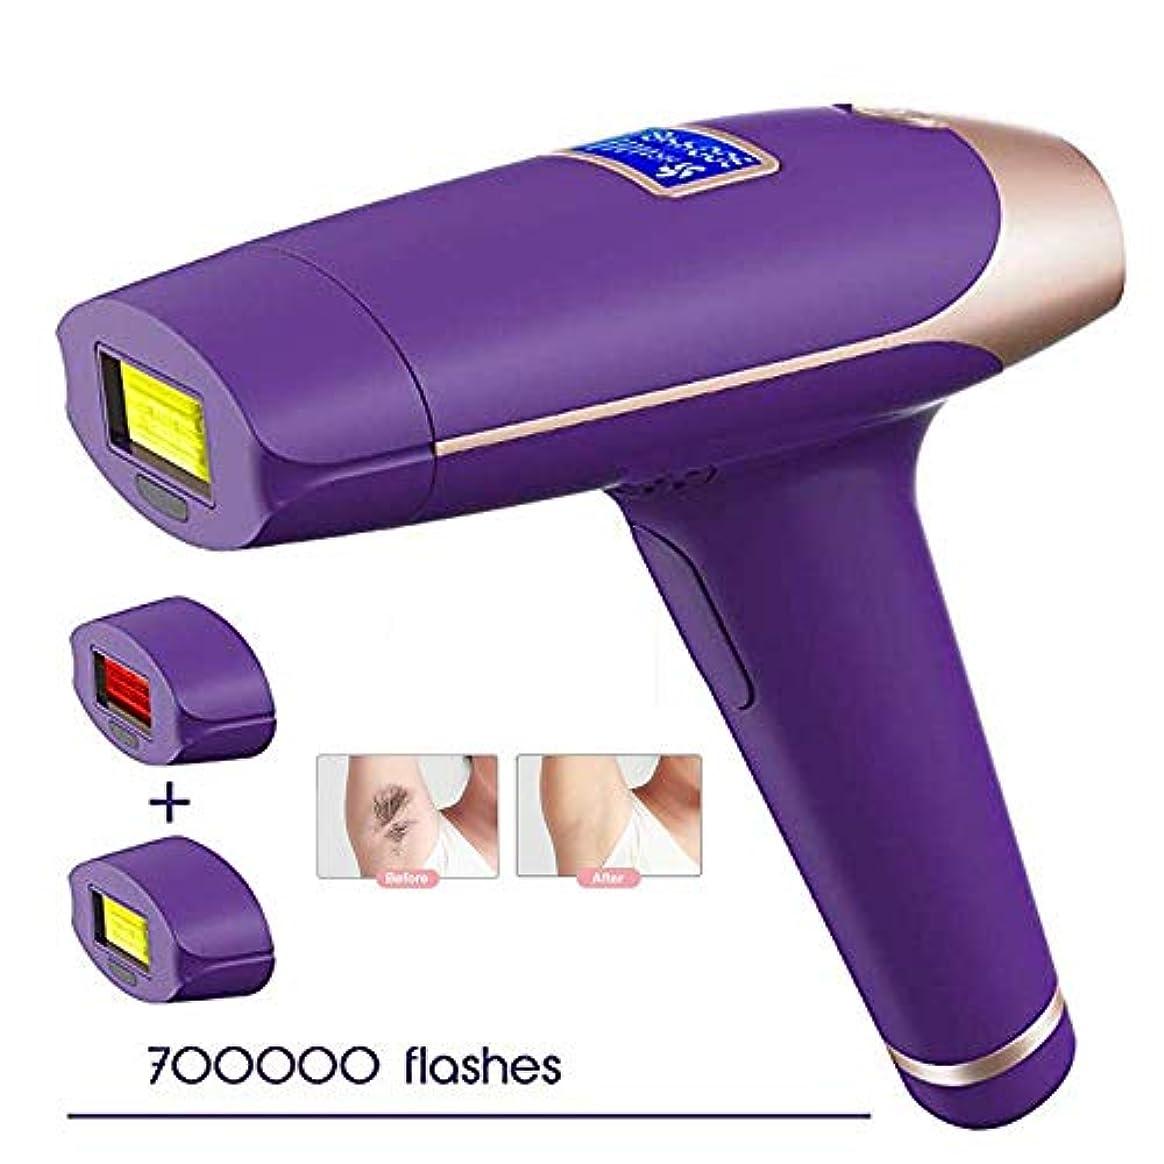 フェリーユーモラス敬Trliy- 紫色のIPL脱毛システム、女性と男性の痛みのない恒久的なIPL脱毛器、700000フラッシュプロフェッショナルライト脱毛器